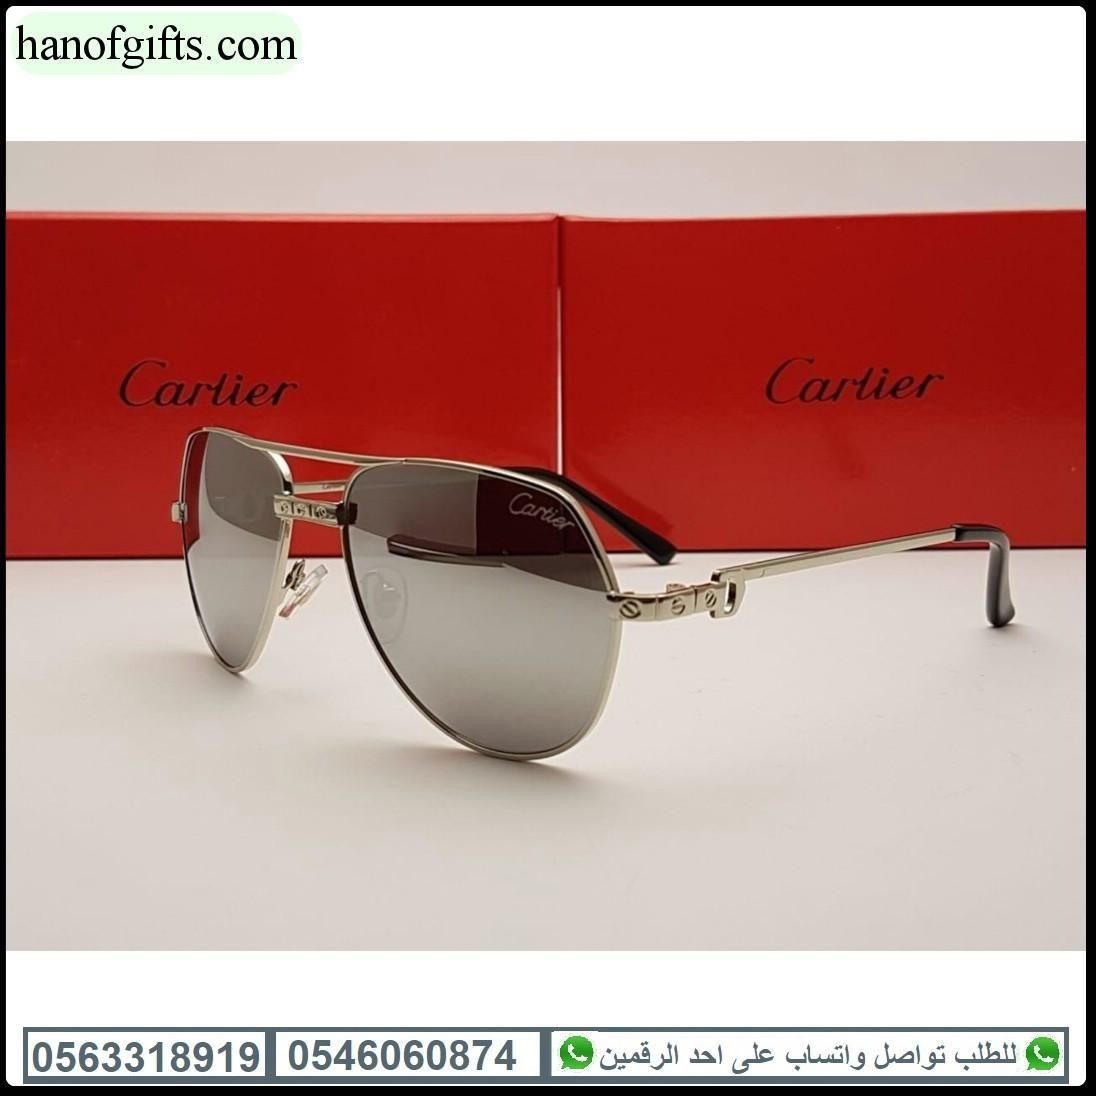 نظارات كارتير رجالي 2020 مع ملحقات الماركه كامل هدايا هنوف Square Sunglass Glasses Sunglasses